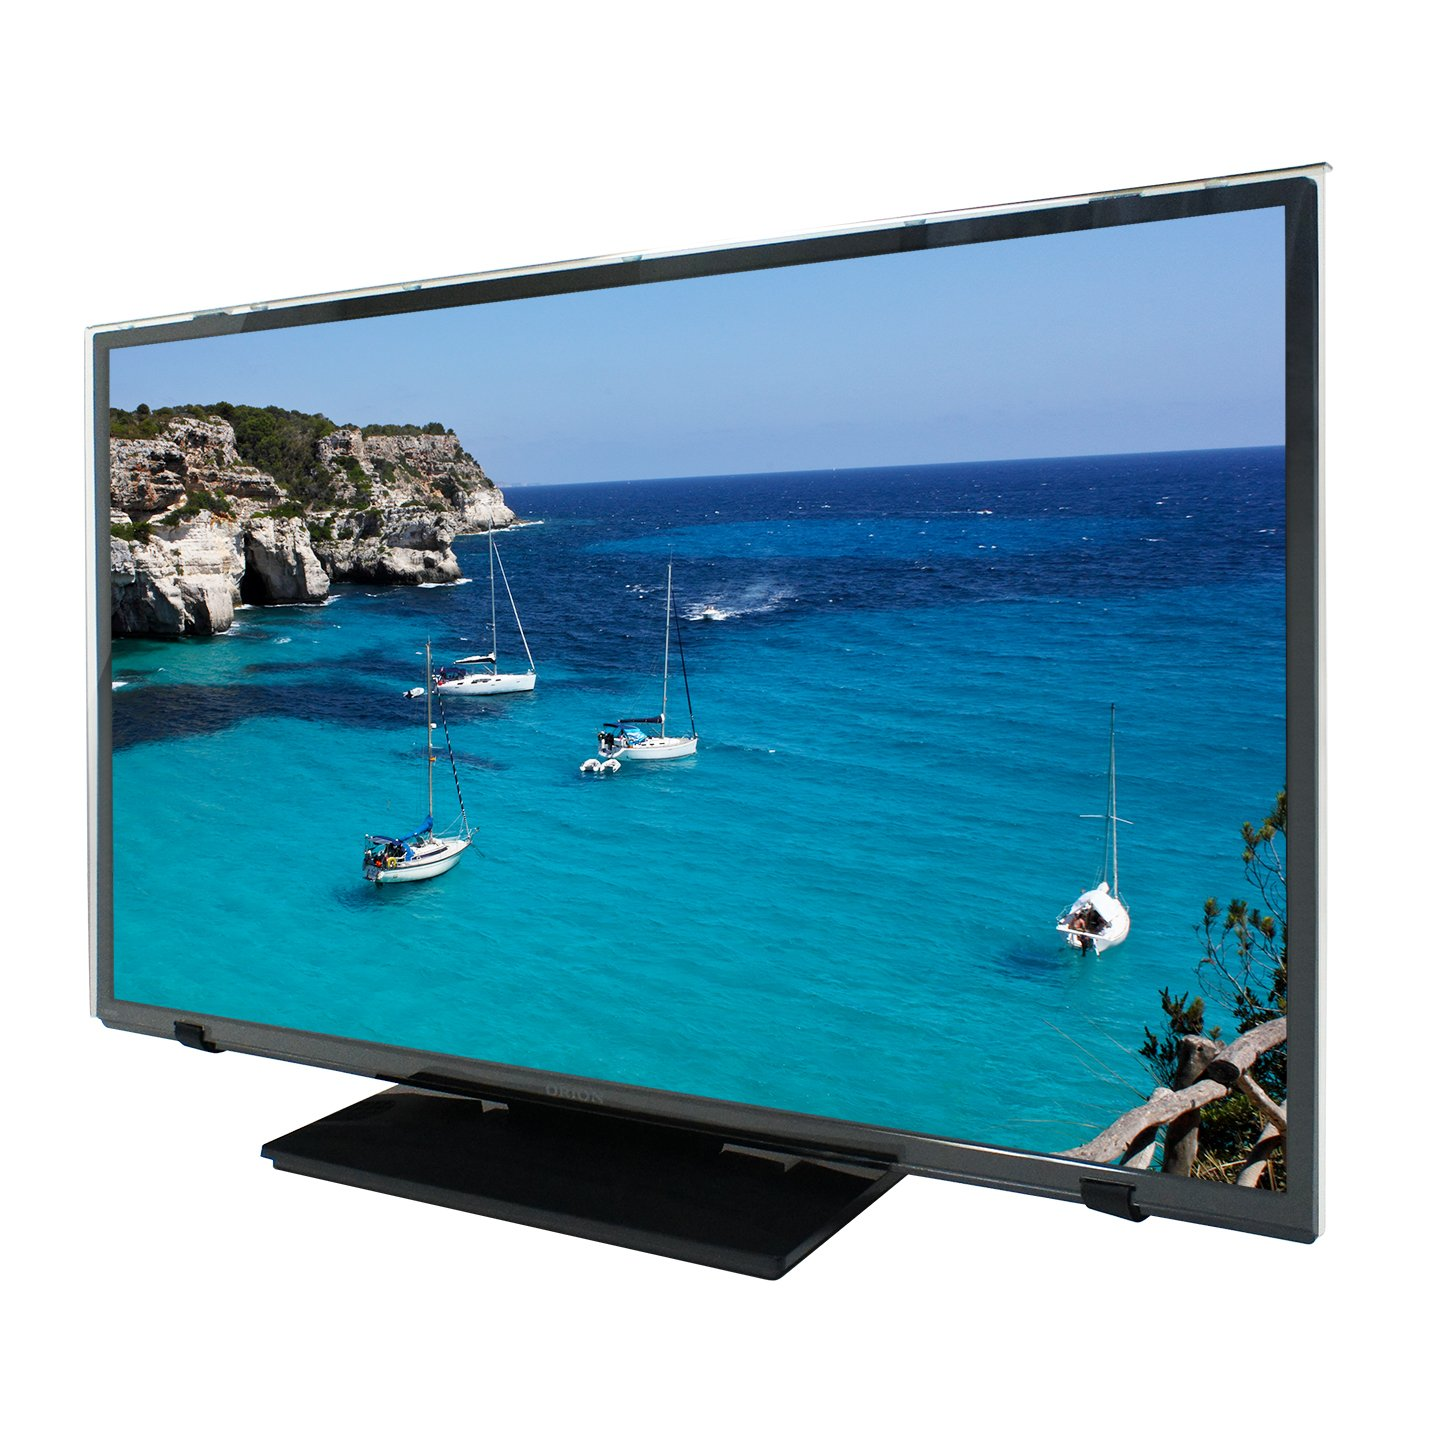 ブルーライトカット 液晶テレビ画面保護パネル (55型 55MBL4) 固定ベルト付 B076BMPK47  55型